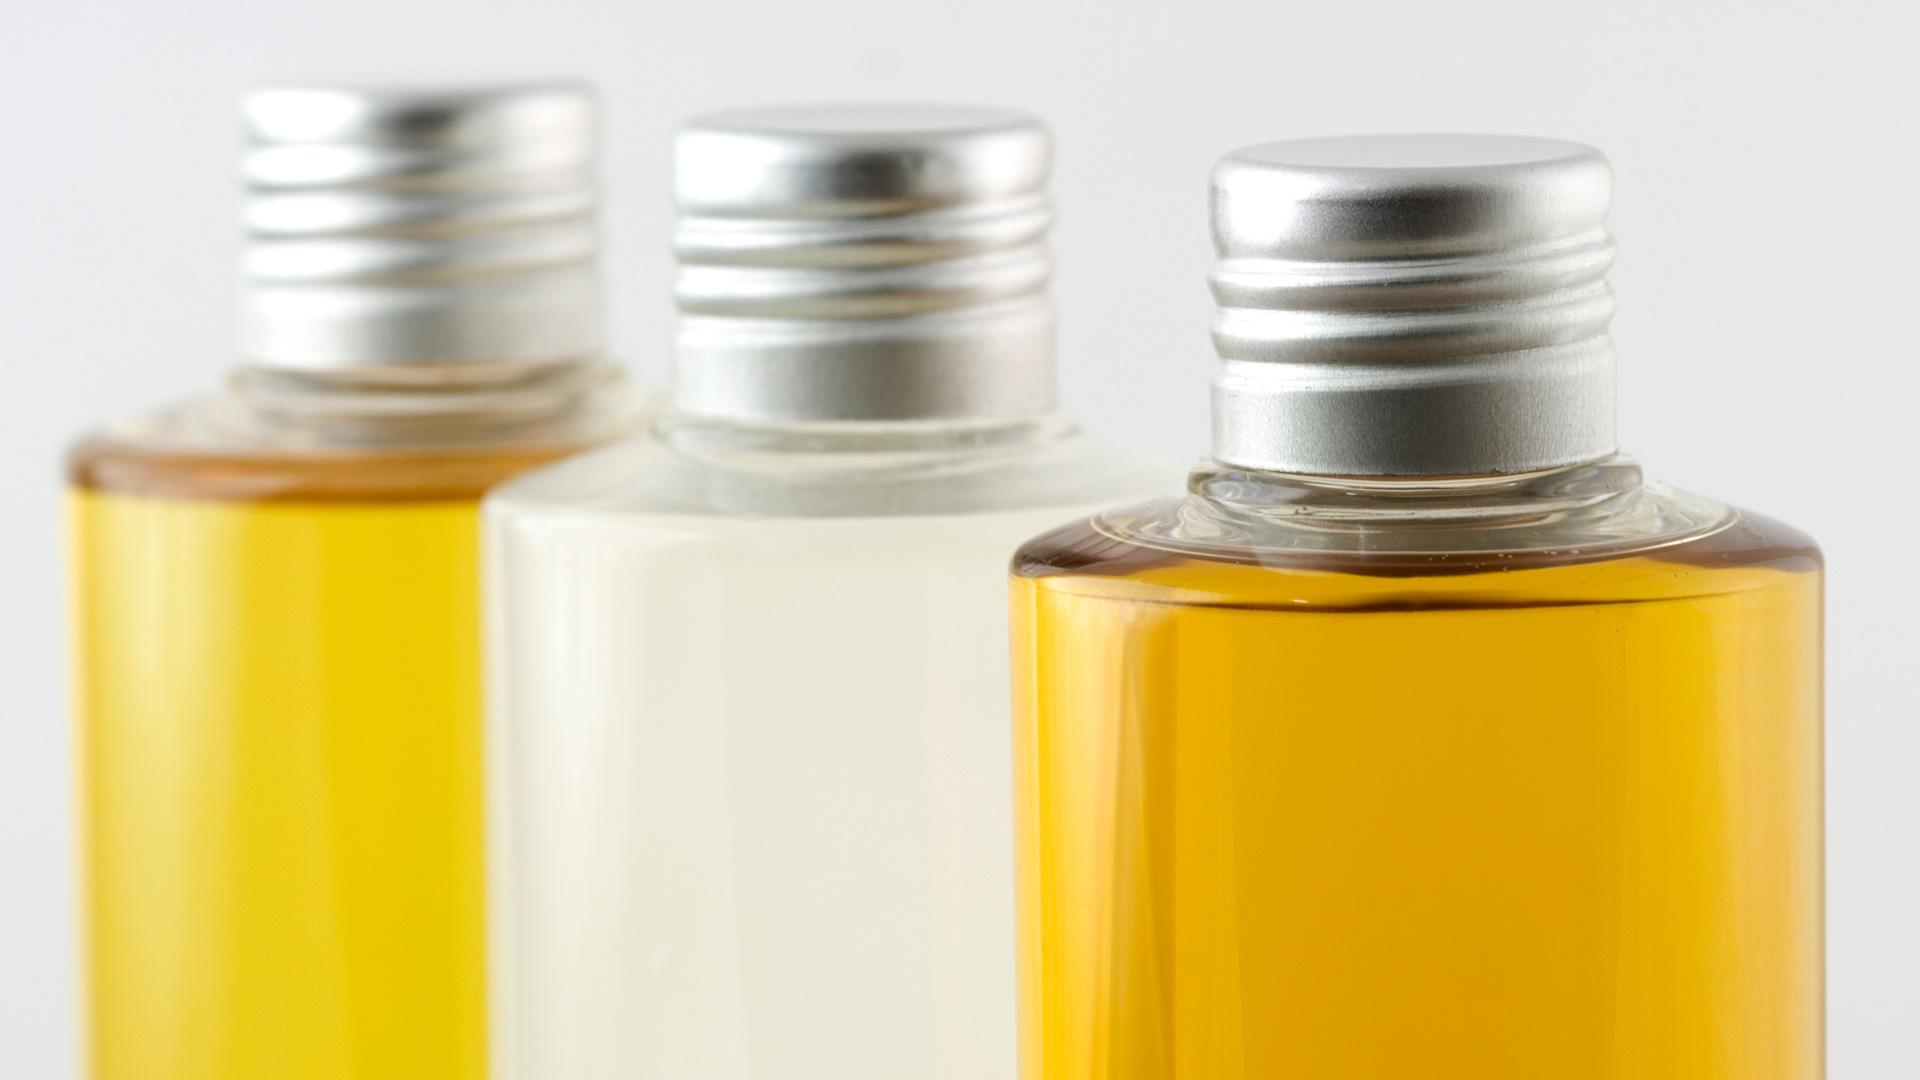 Facial oil